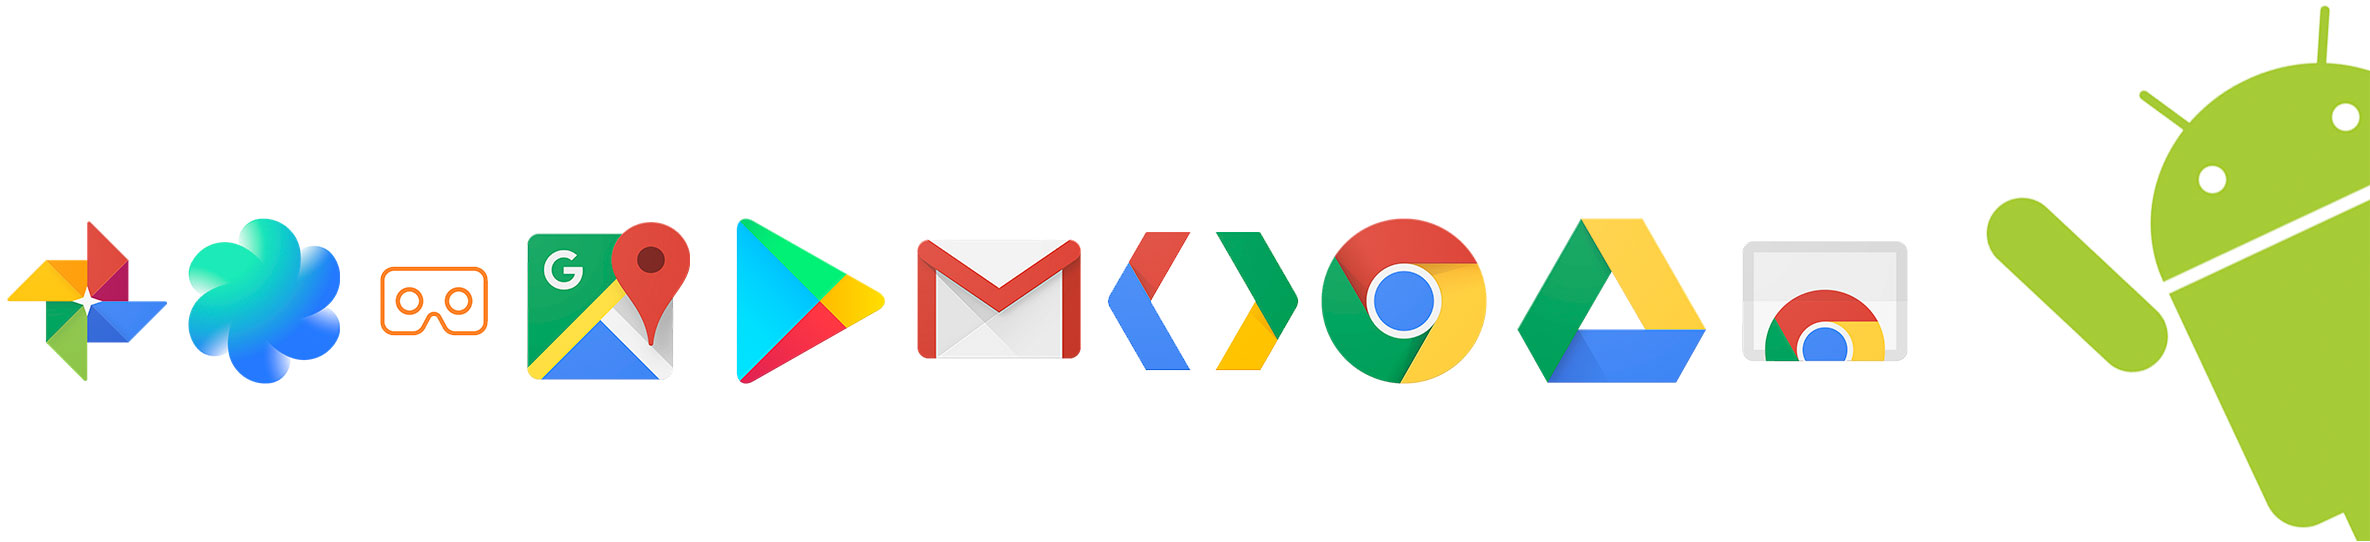 google-banner-3.jpg